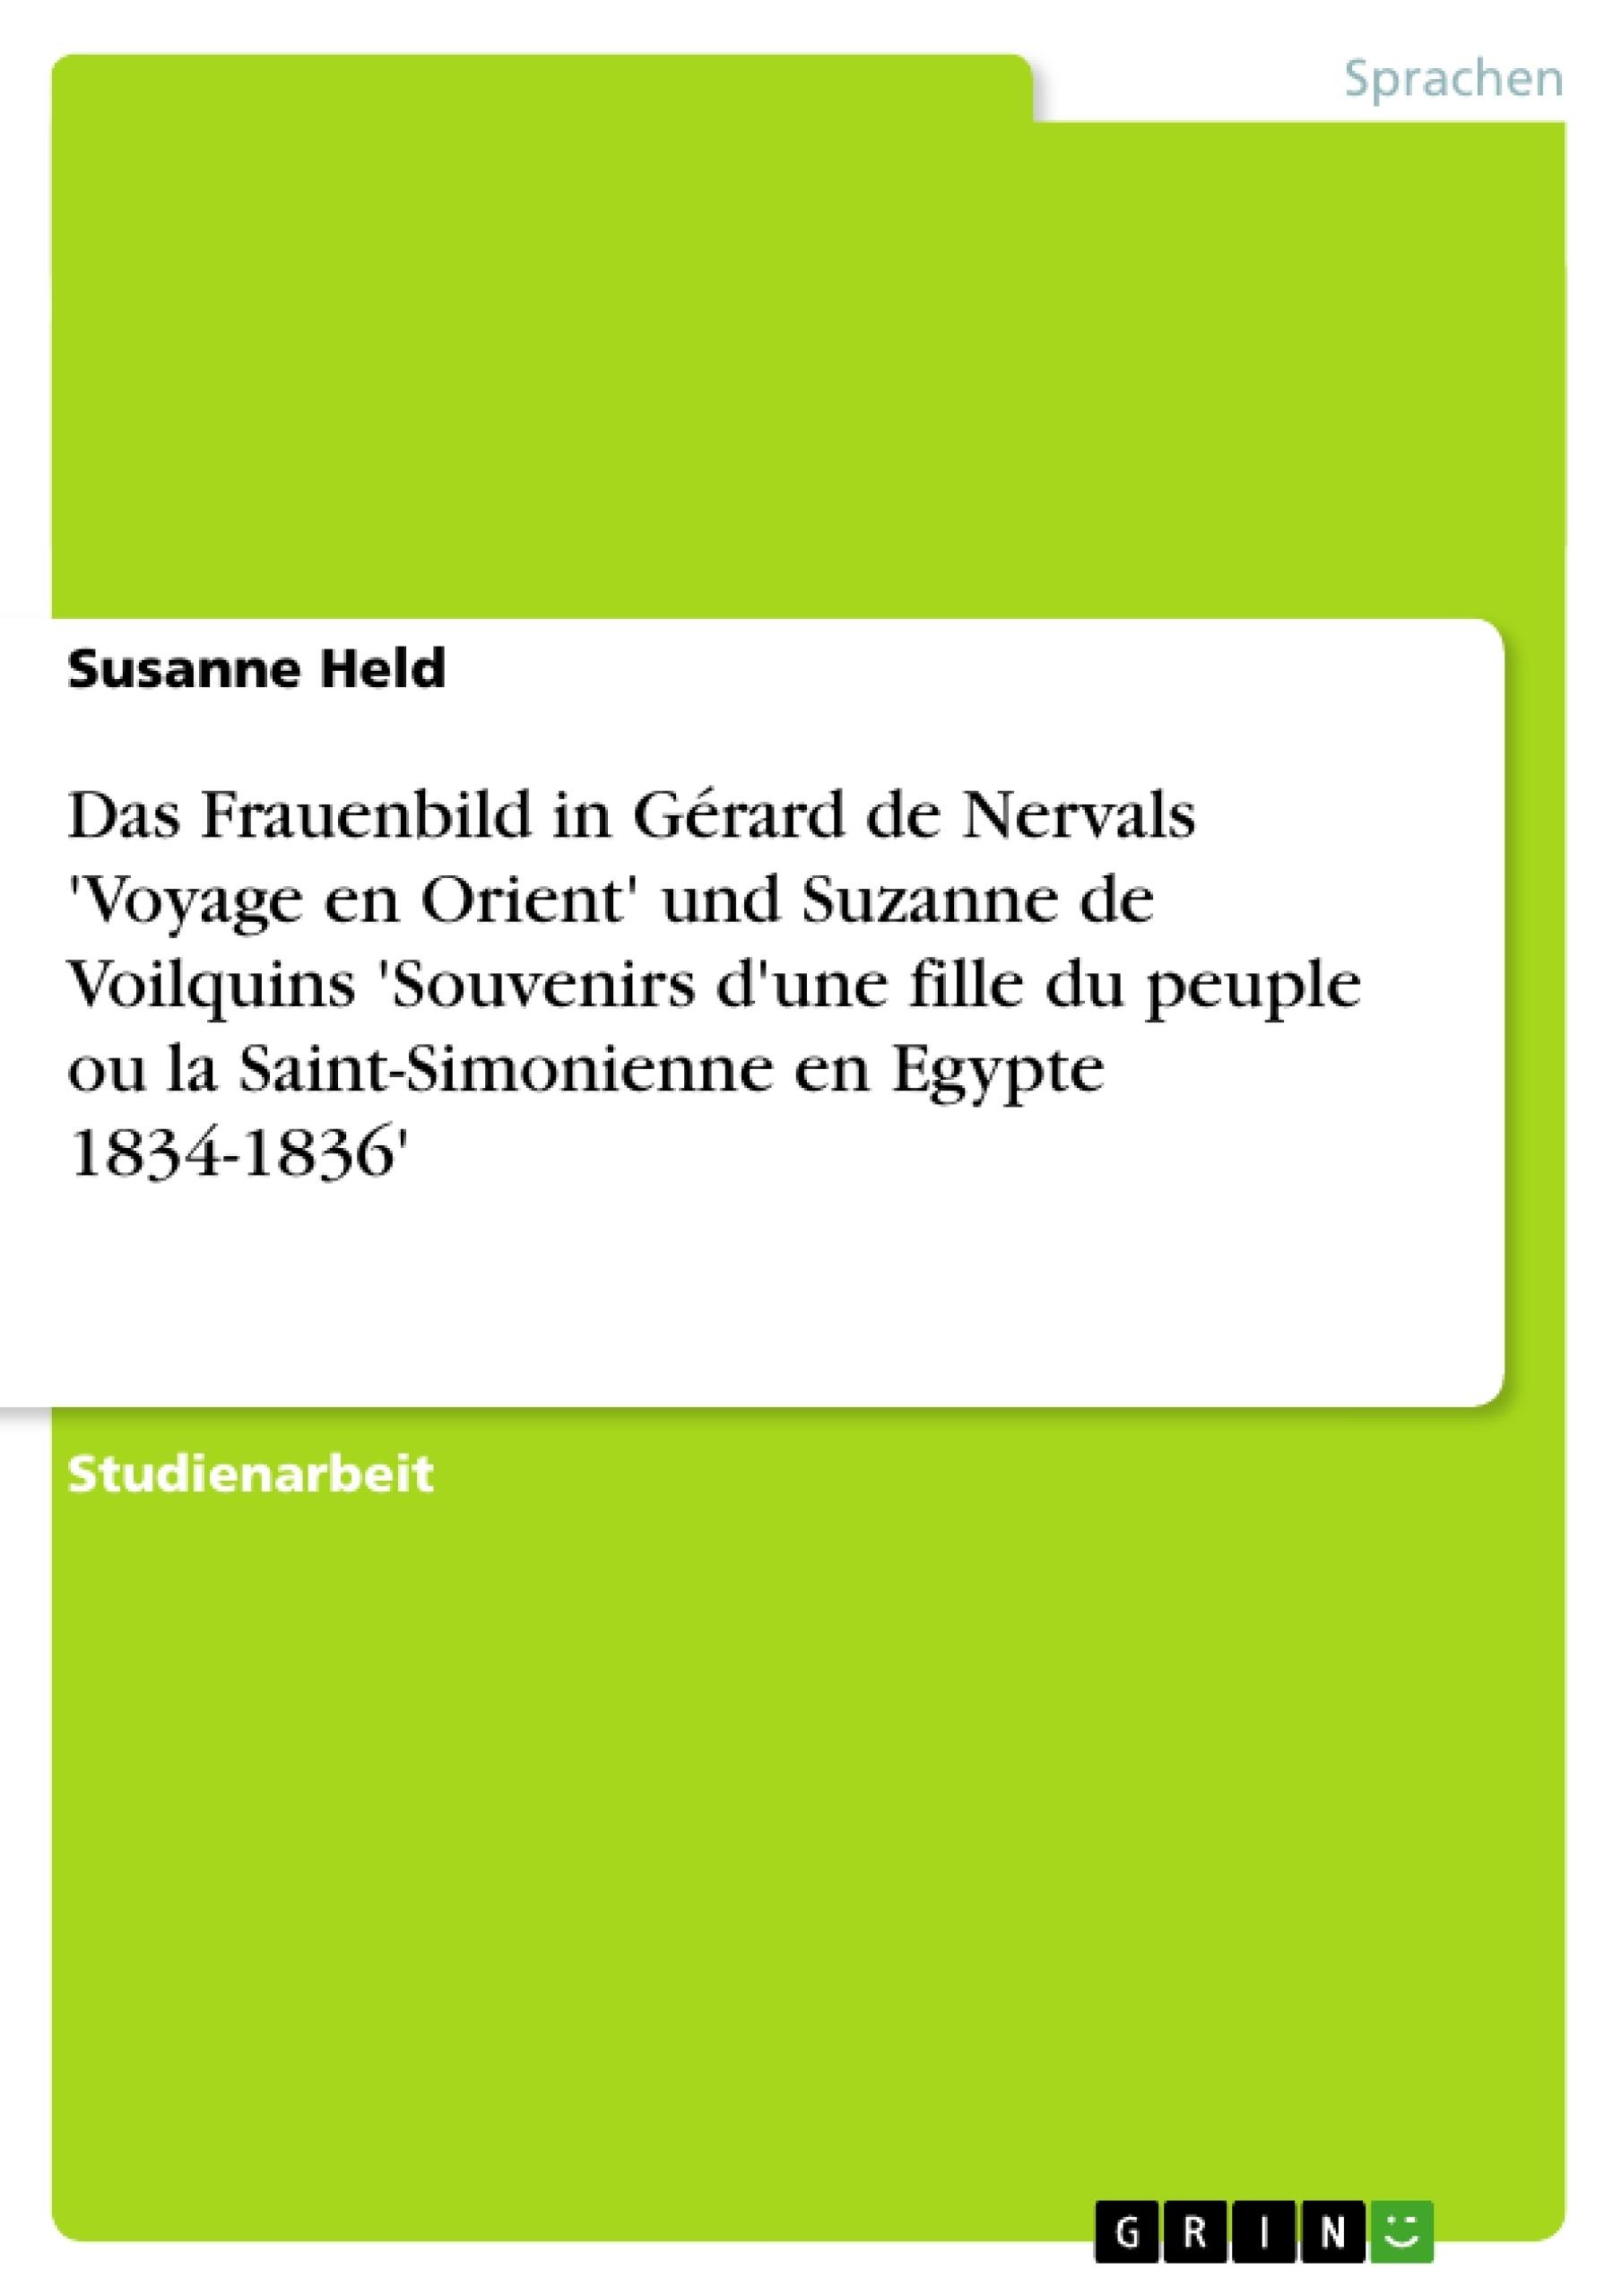 Titel: Das Frauenbild in Gérard de Nervals 'Voyage en Orient' und Suzanne de Voilquins 'Souvenirs d'une fille du peuple ou la Saint-Simonienne en Egypte 1834-1836'